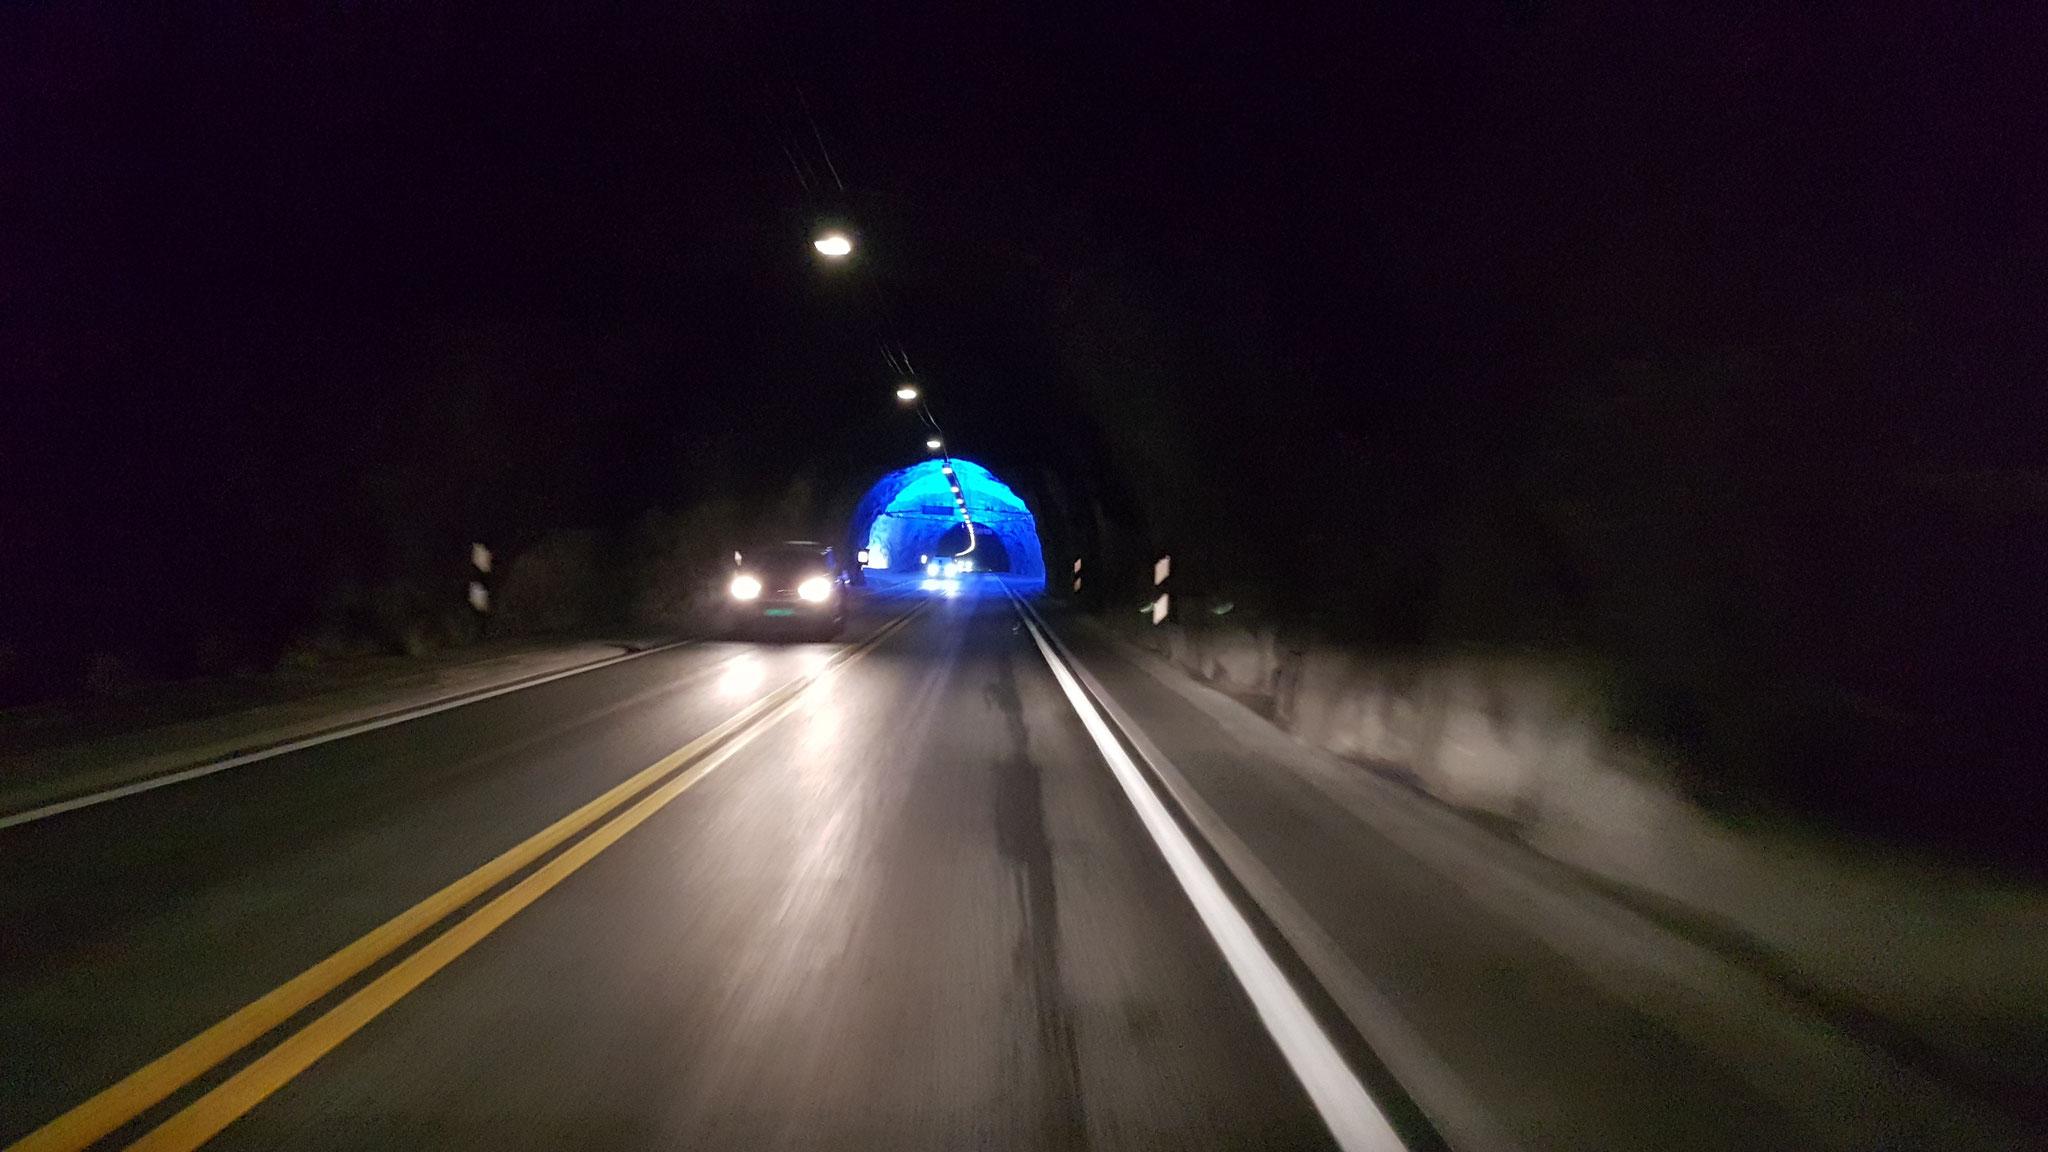 weit vorne sieht man ein blaues Licht...